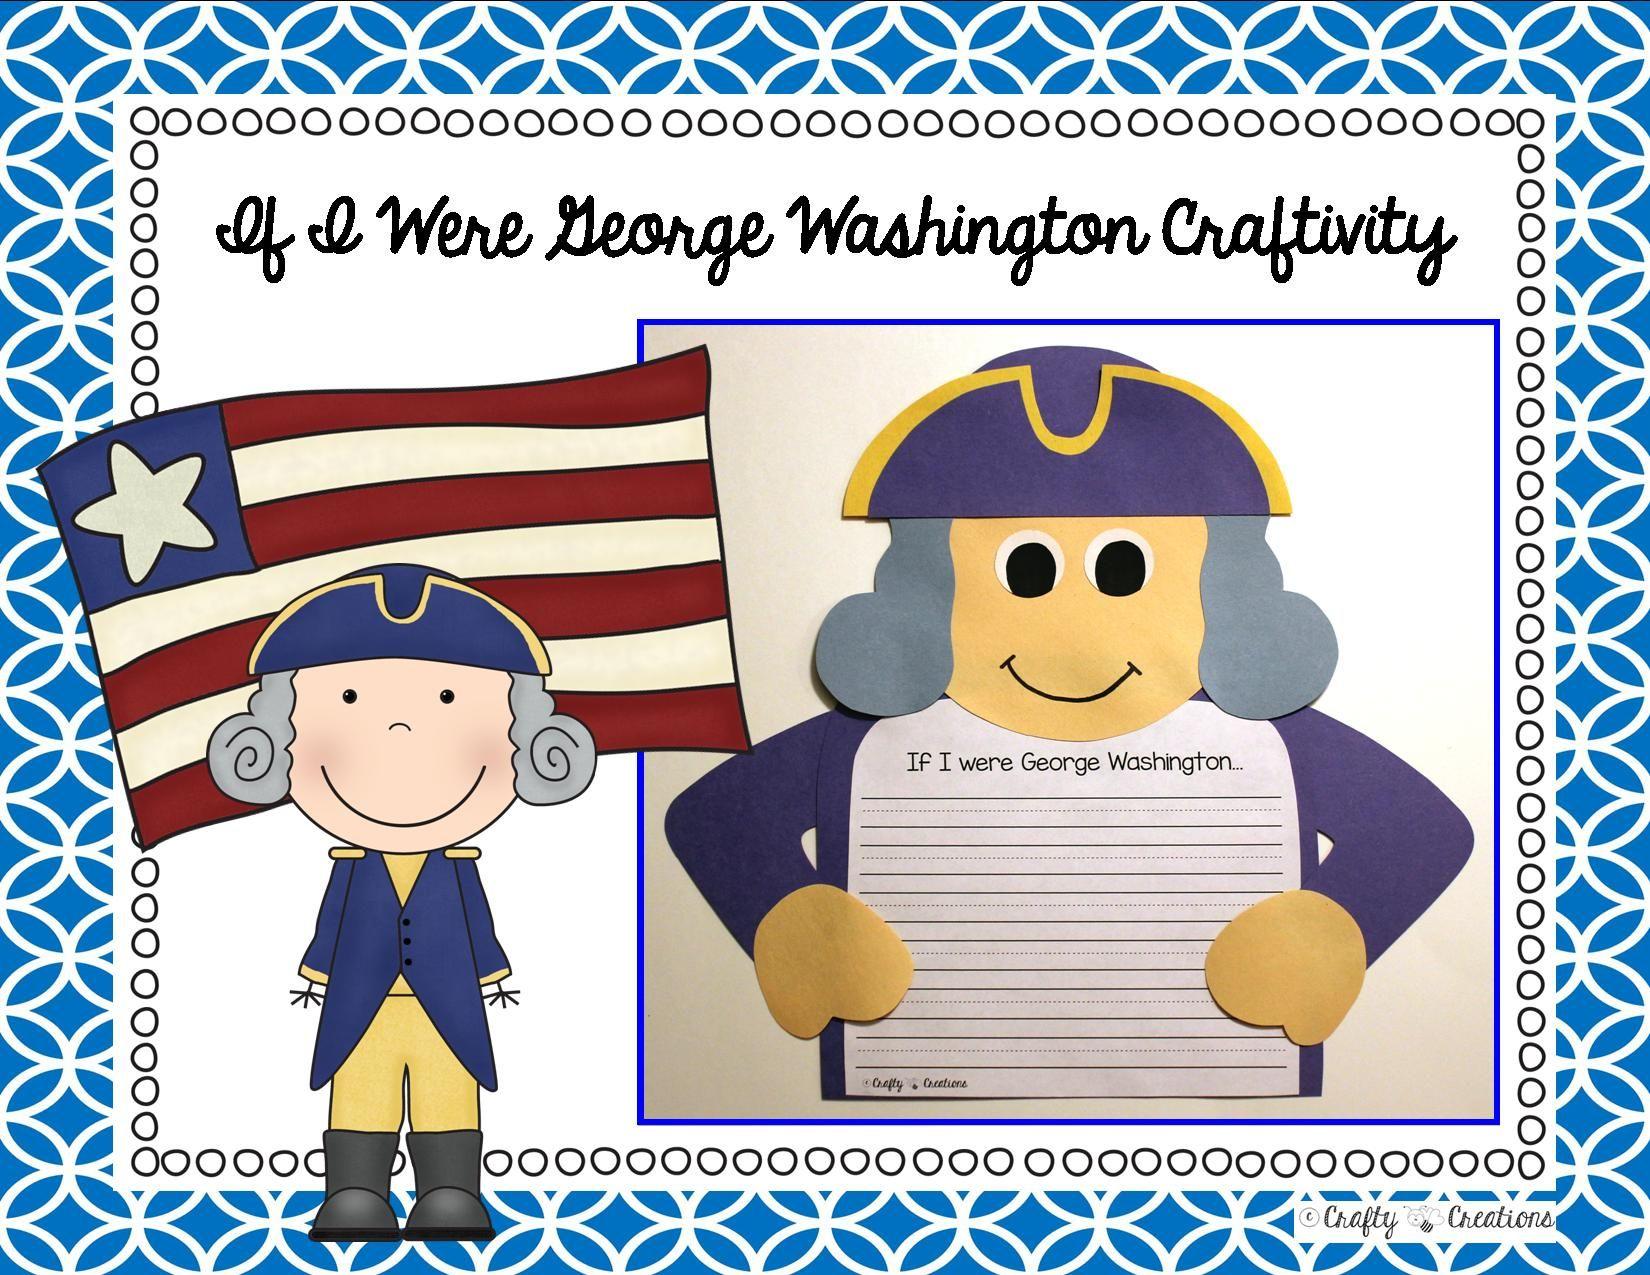 George Washington Craft If I Were George Washington